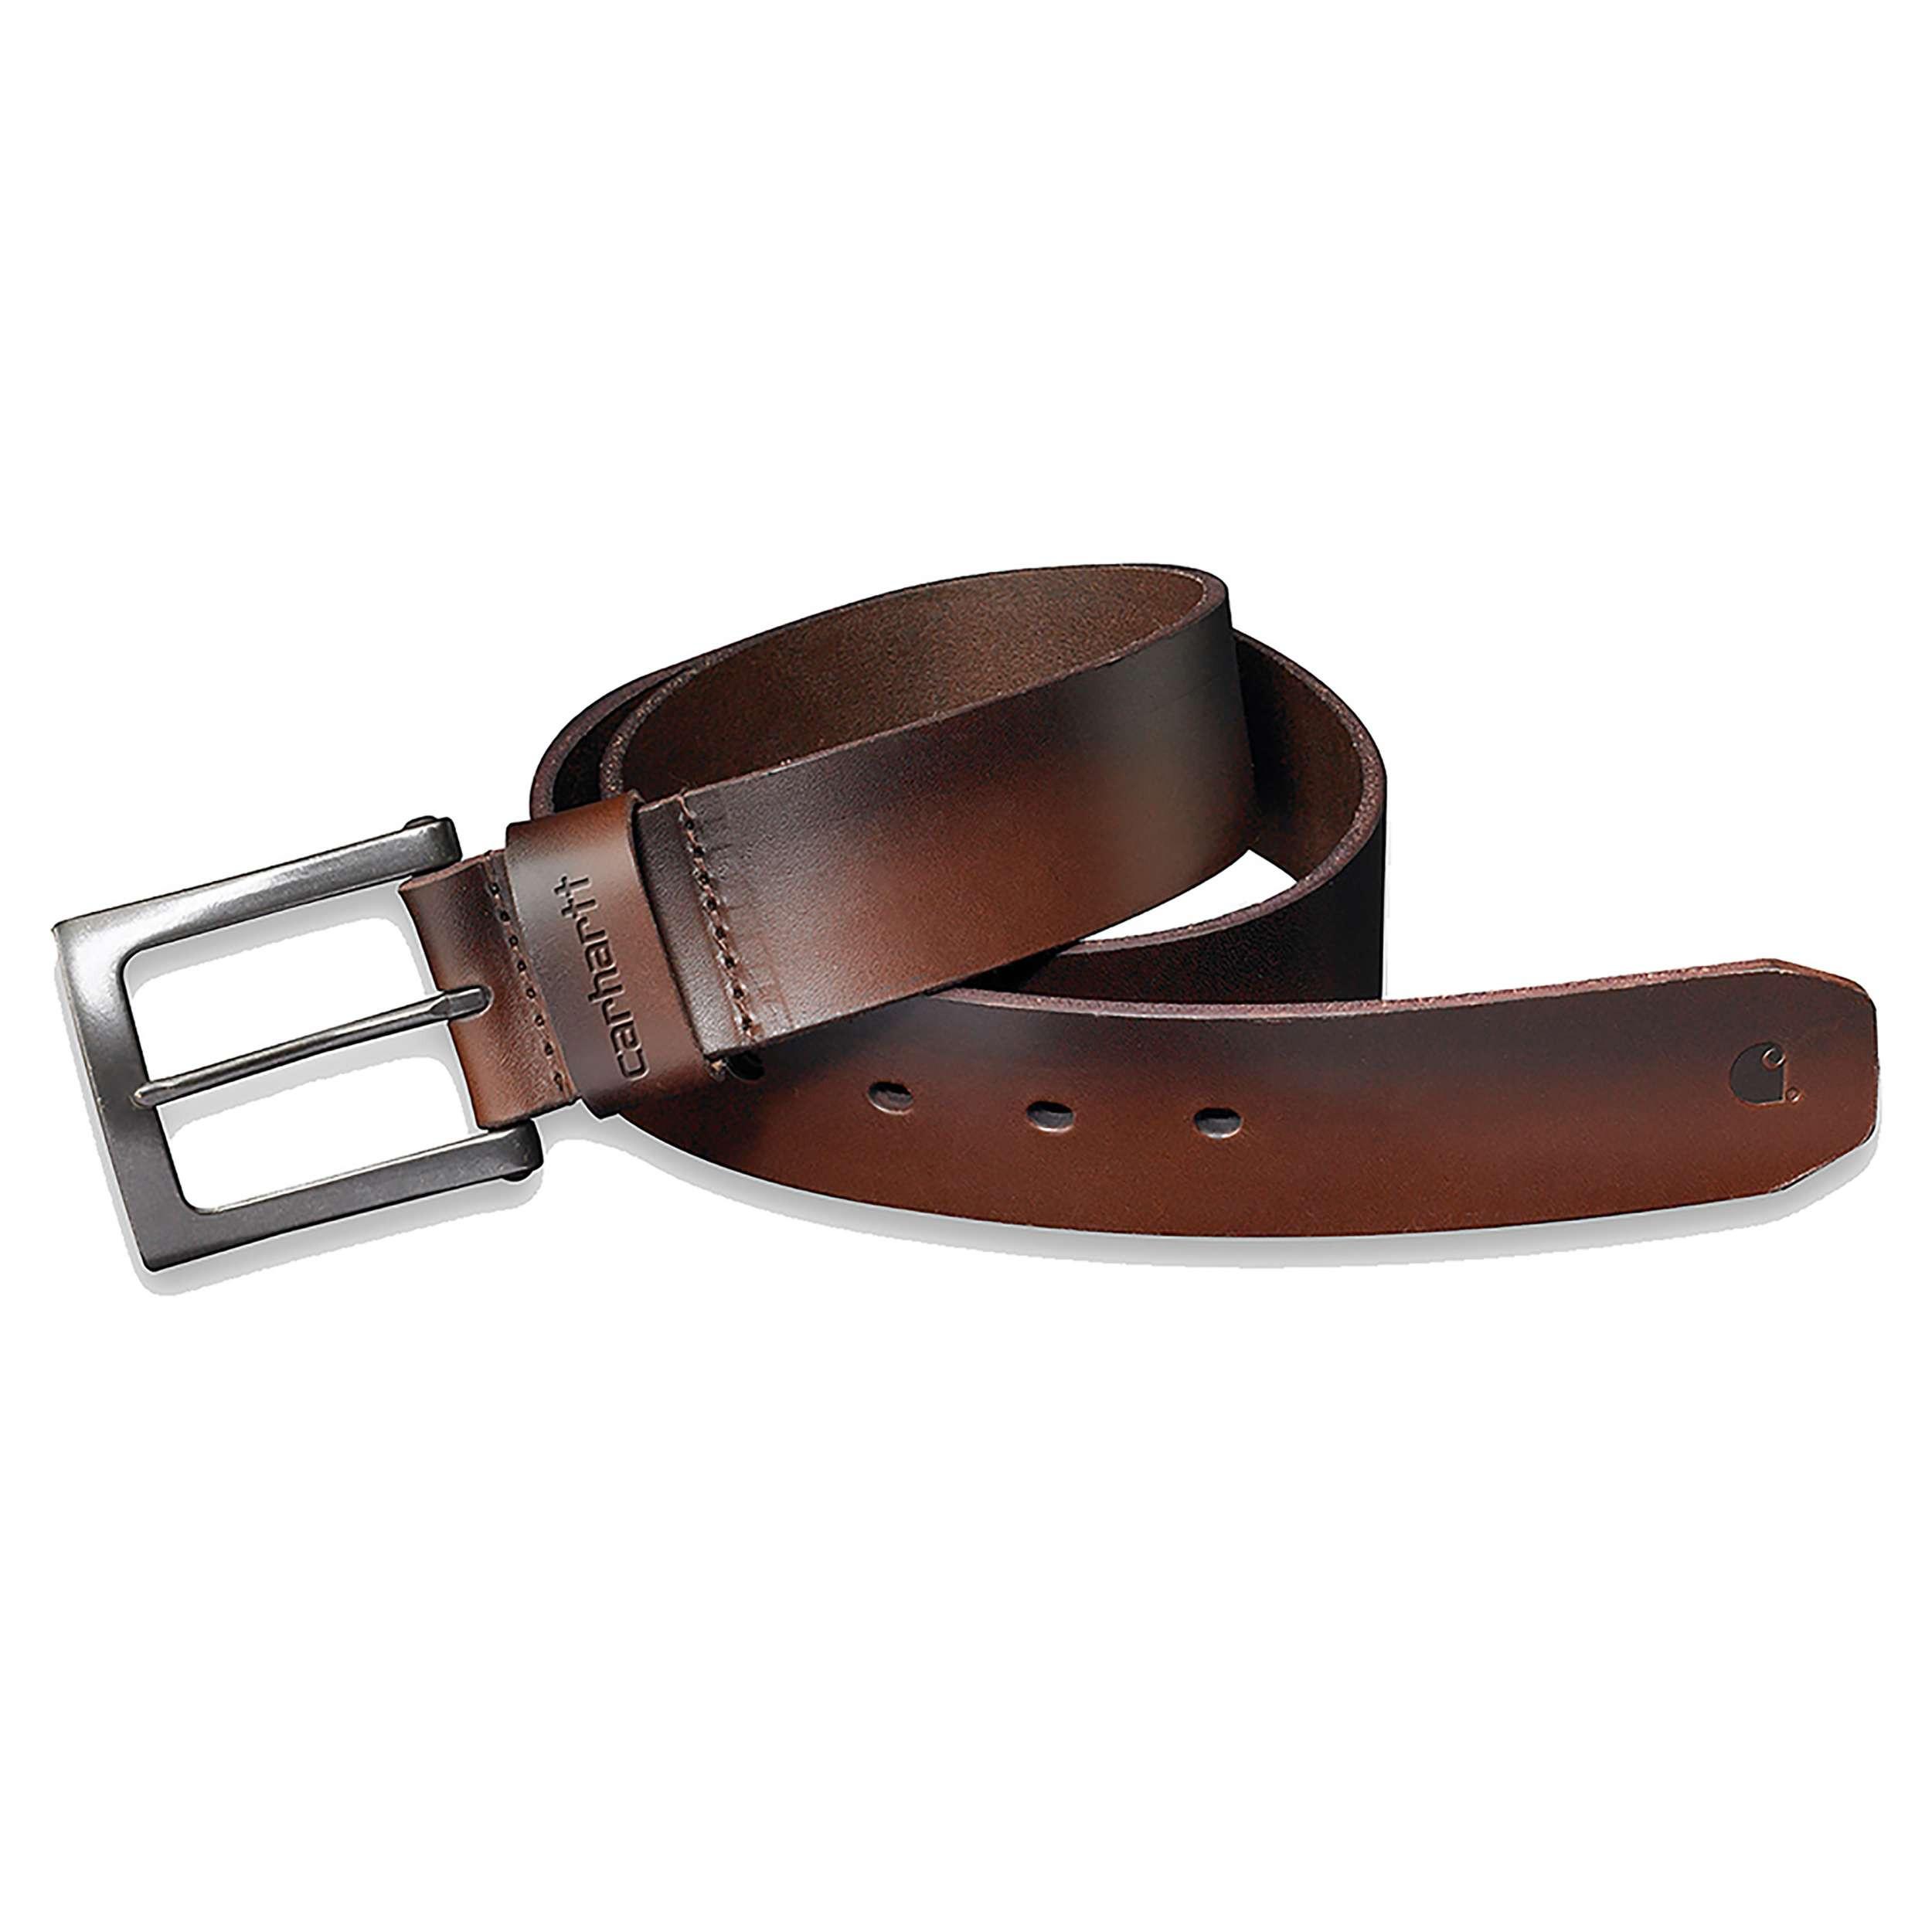 Ремень кожаный Carhartt Anvil Belt - 2203 (Carhartt Brown)